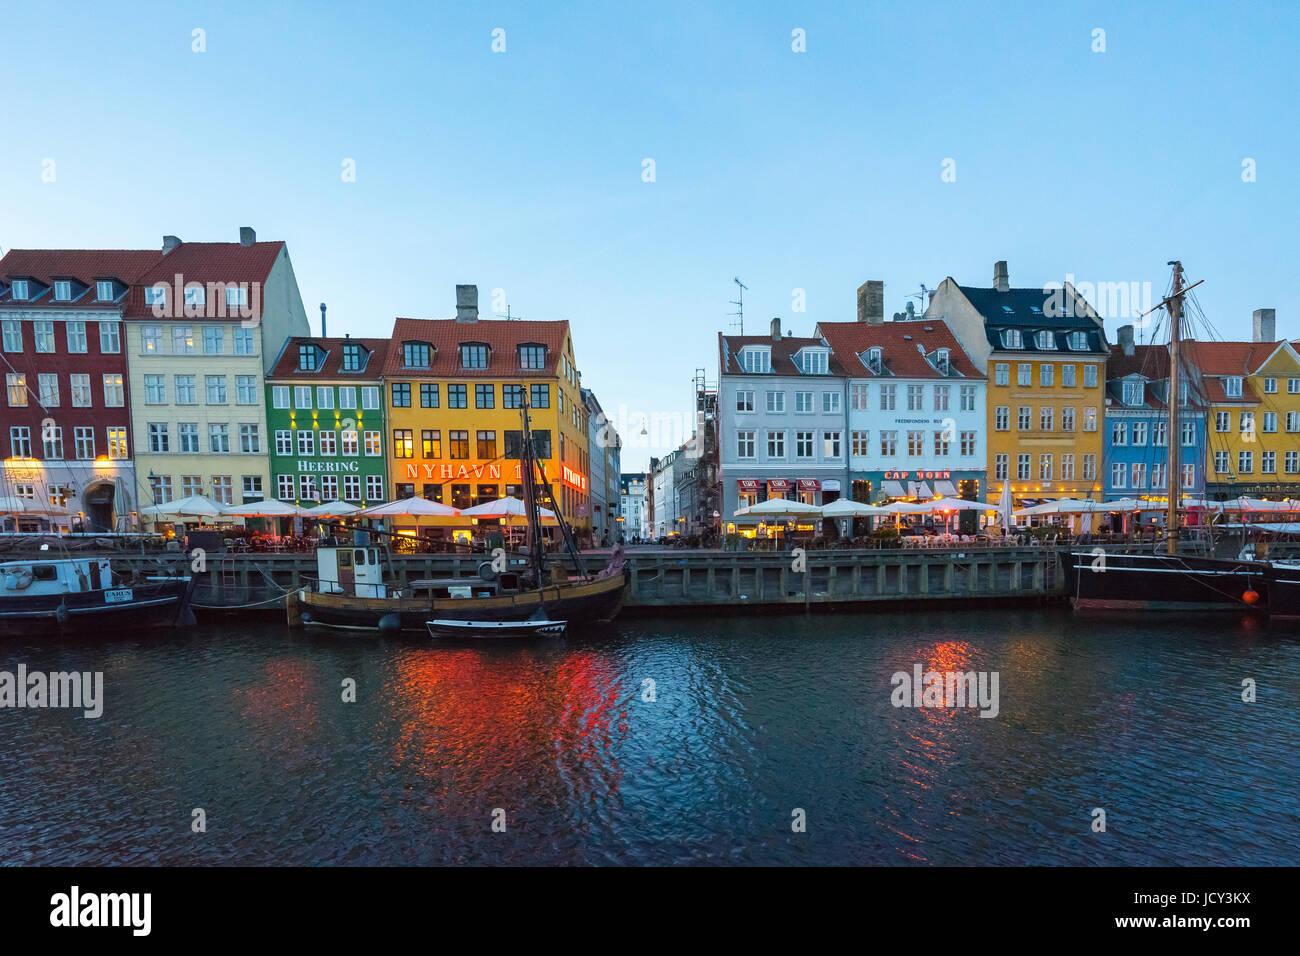 Kopenhagen, Dänemark - 1. Mai 2017: Nyhavn ist ein aus dem 17. Jahrhundert am Wasser, Kanal und Unterhaltung Stockbild